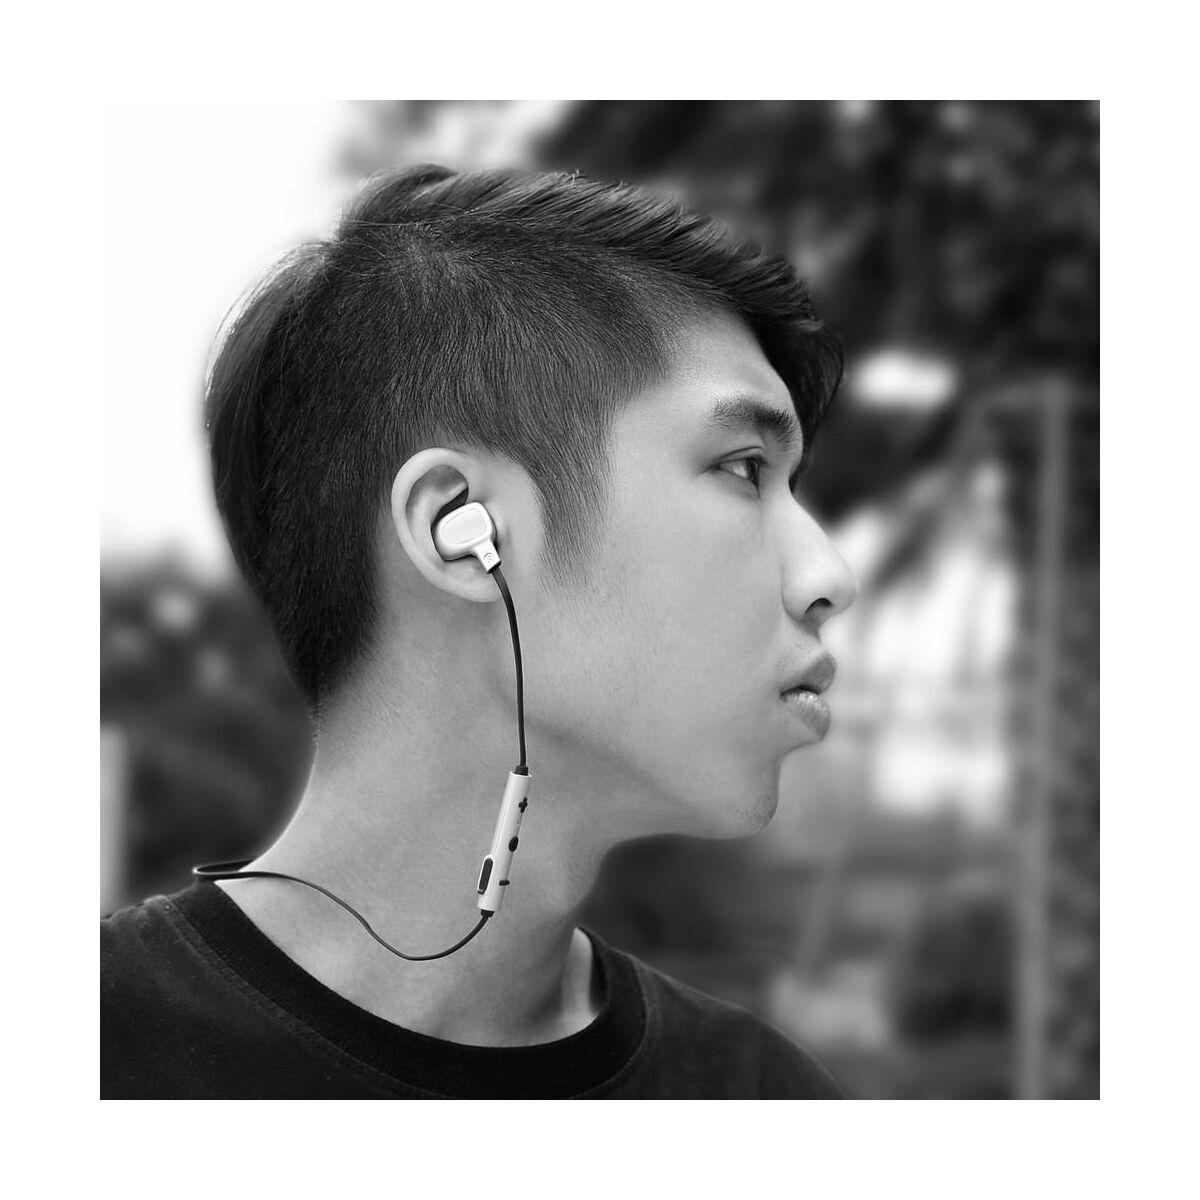 Baseus fülhallgató, Bluetooth Encok B15, Seal sztereó, ezüst/fekete (NGB15-0S)